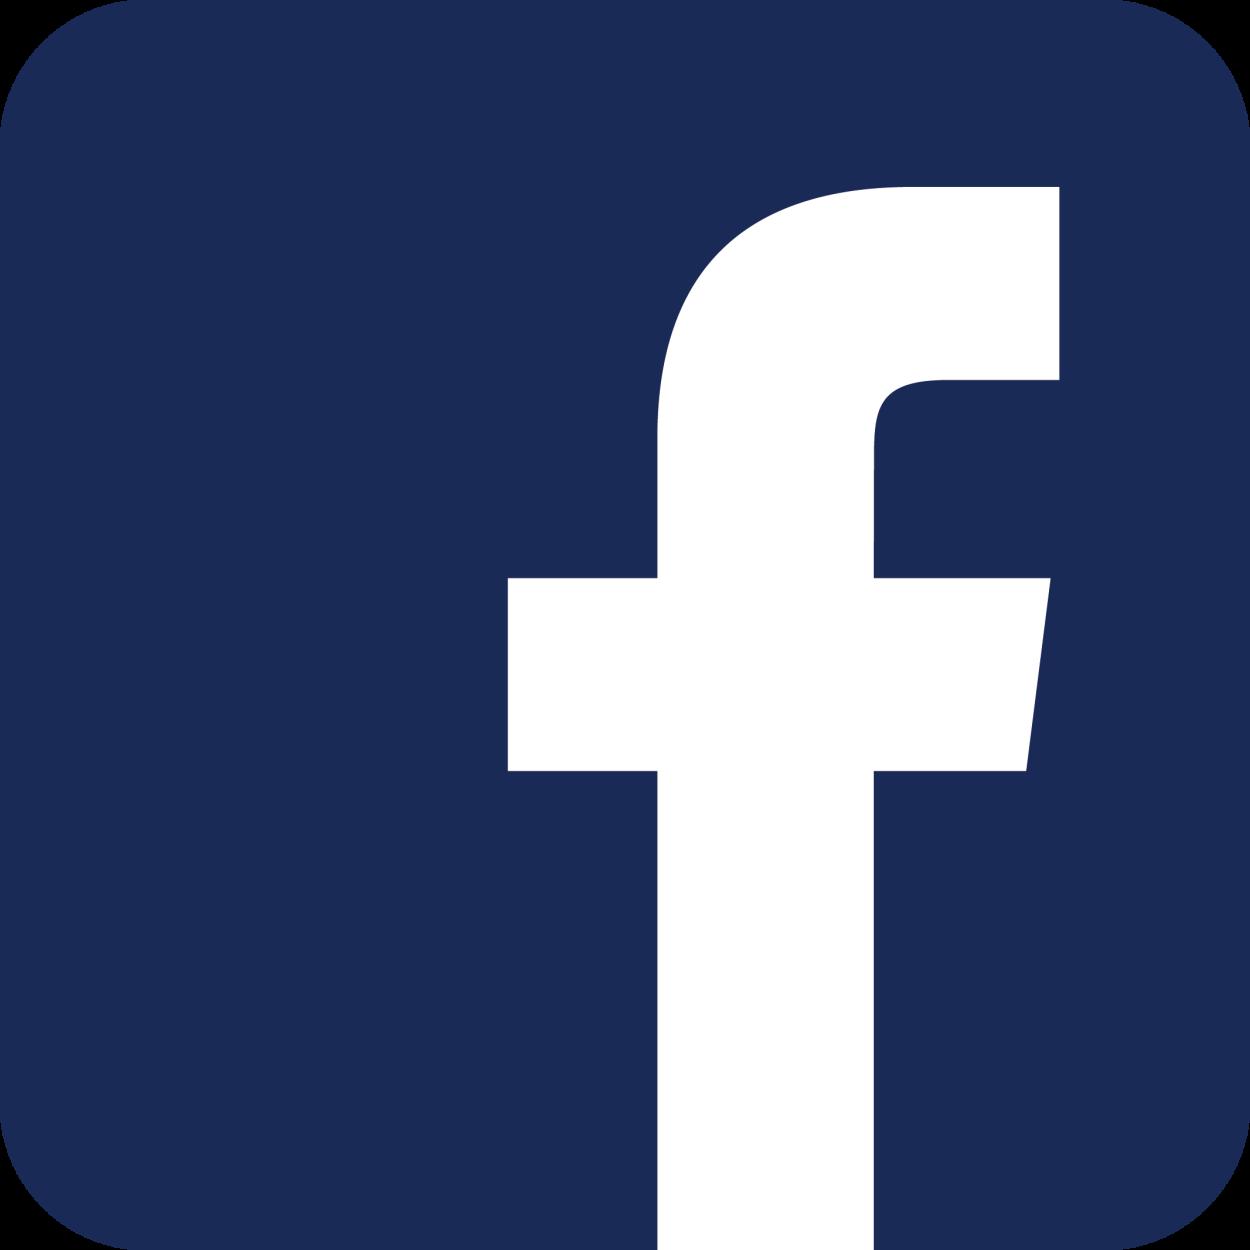 アロマ雑貨とインテリア専門店 AromaSnowman facebook